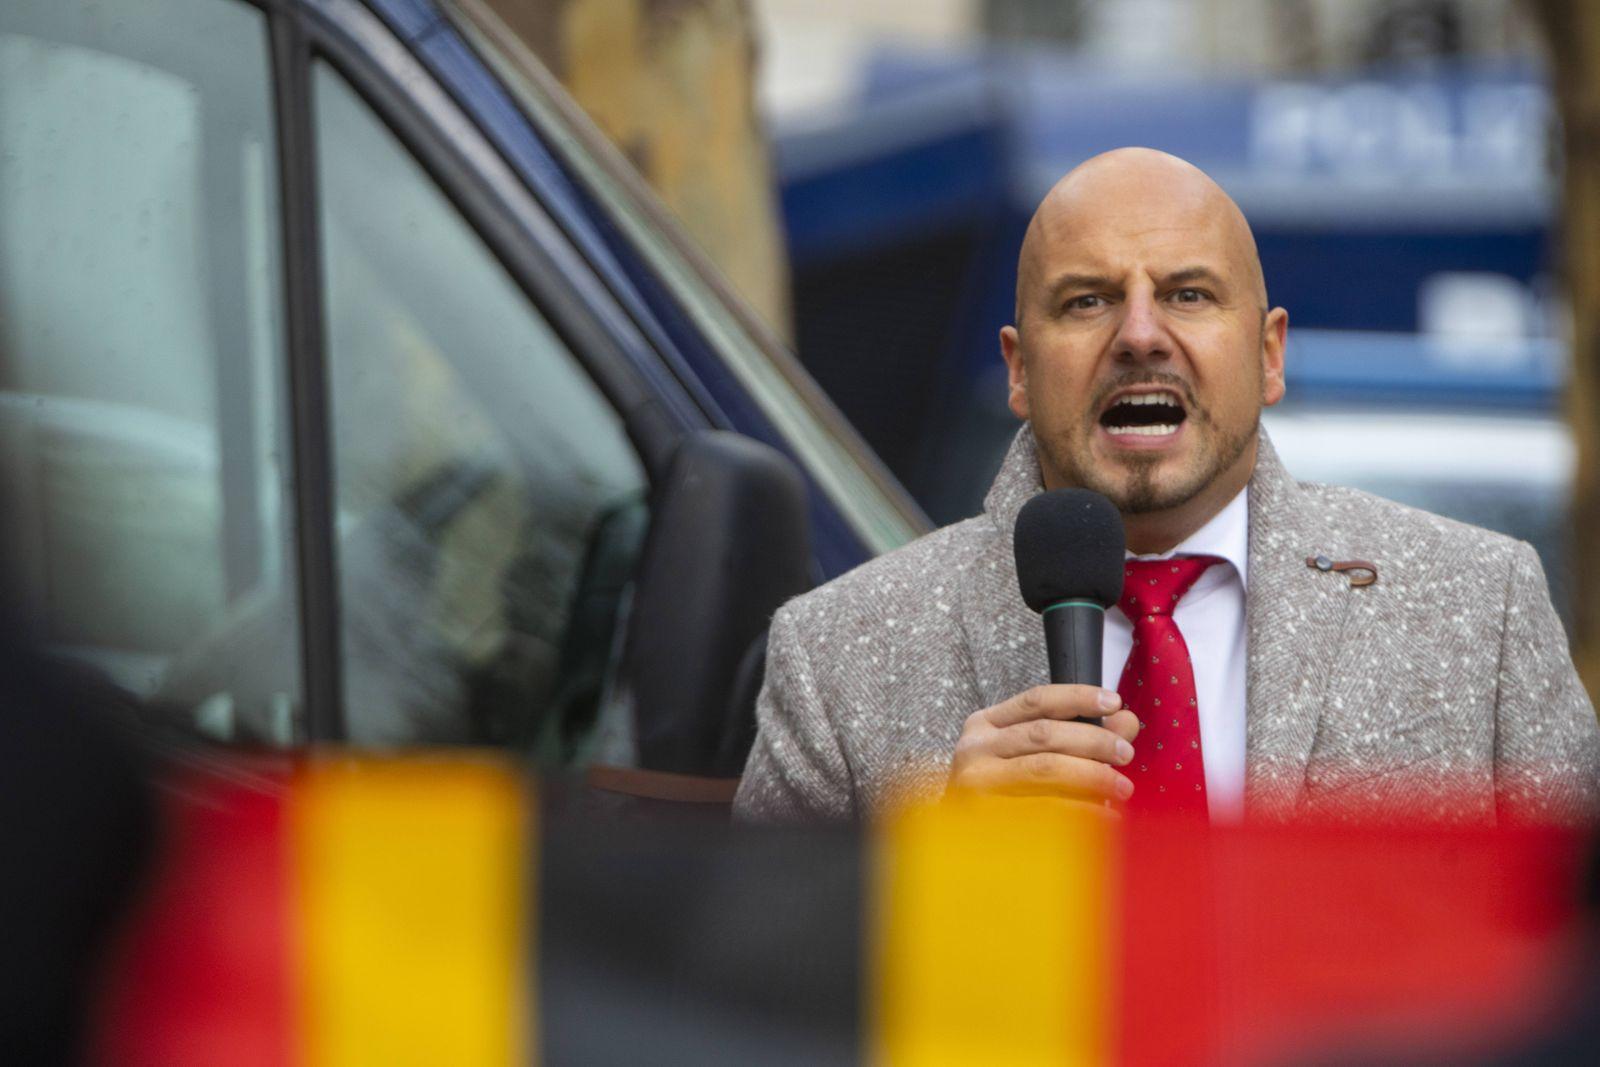 DEU, Deutschland, Stuttgart, 08.12.2018 - Stefan Räpple, AfD-Politiker, auf einer von ihm organisierten Kundegebung in